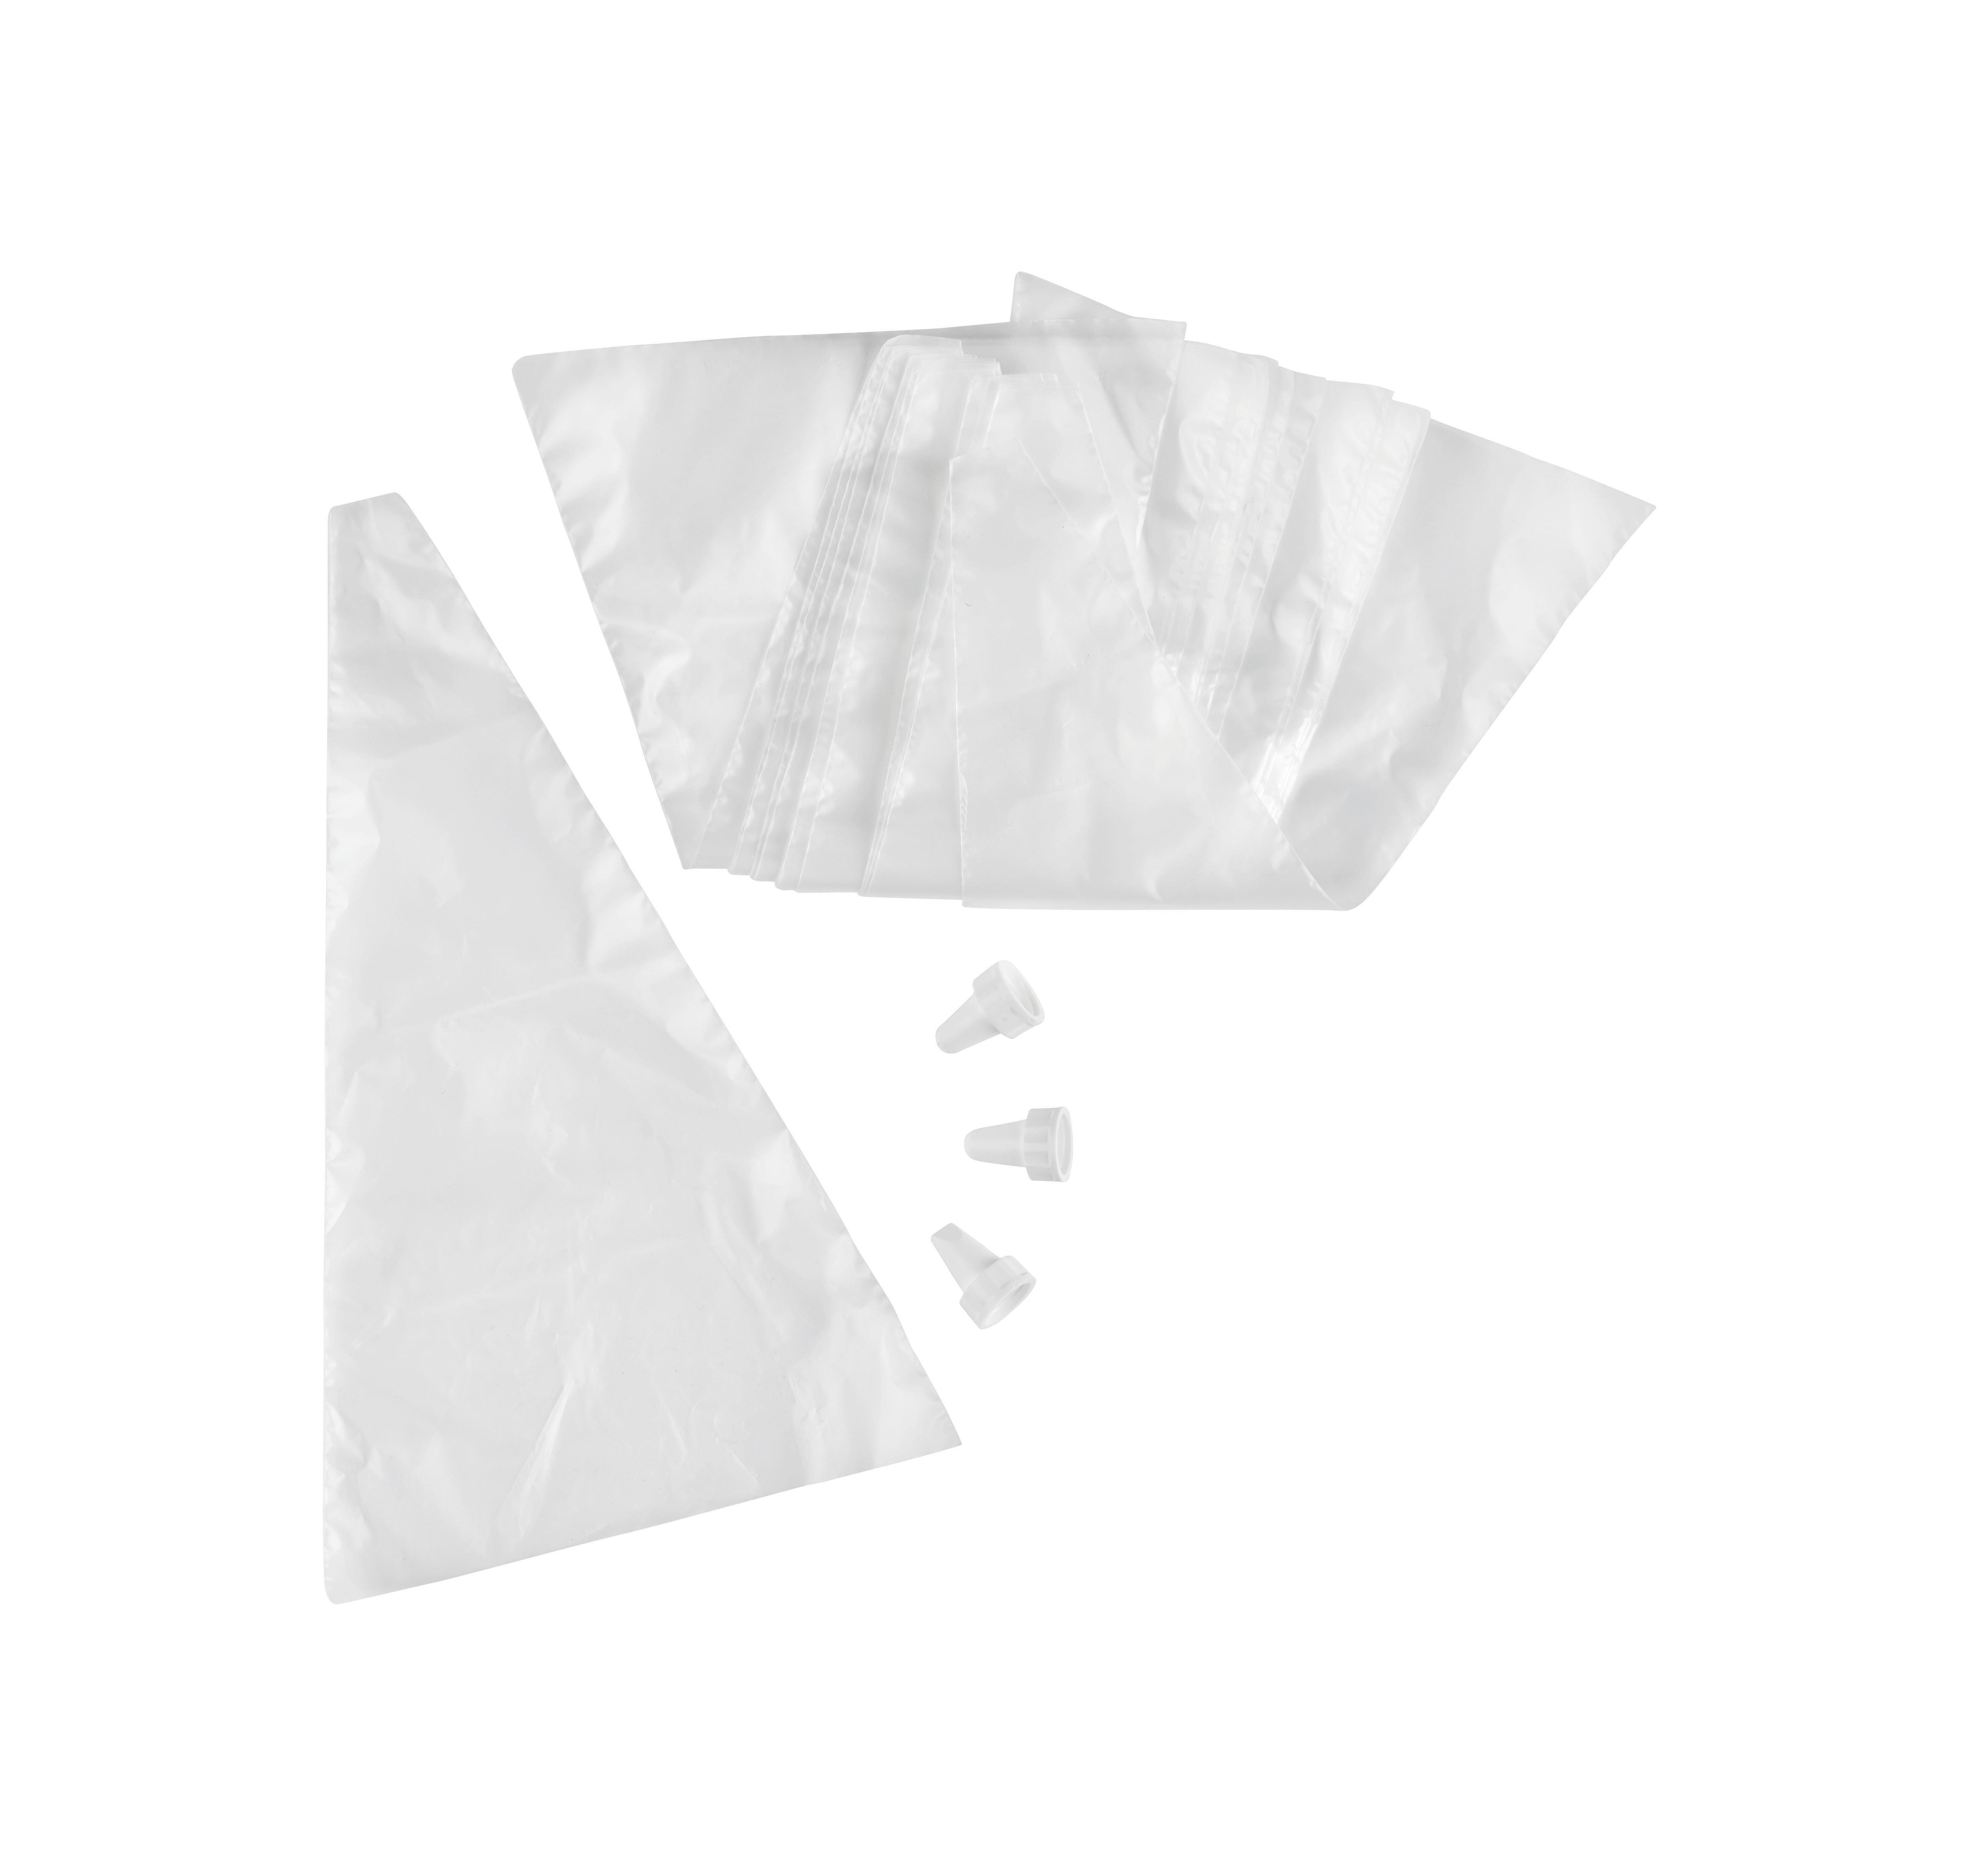 Tortadíszítő Zsák Egyszeri Használatra - tiszta/fehér, konvencionális, műanyag